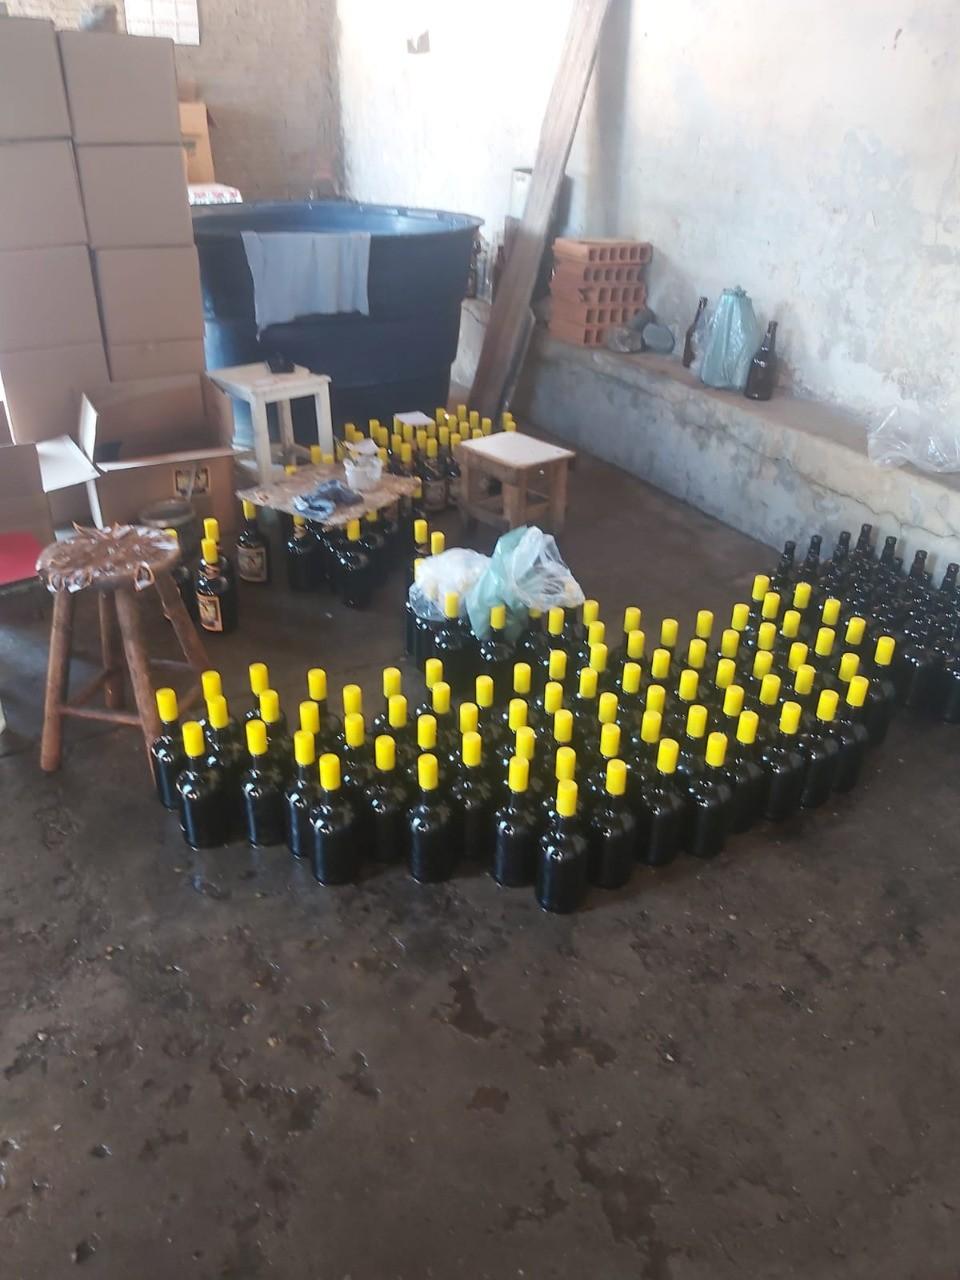 Mil garrafas de bebida são apreendidas pela Polícia Civil em Montes Claros